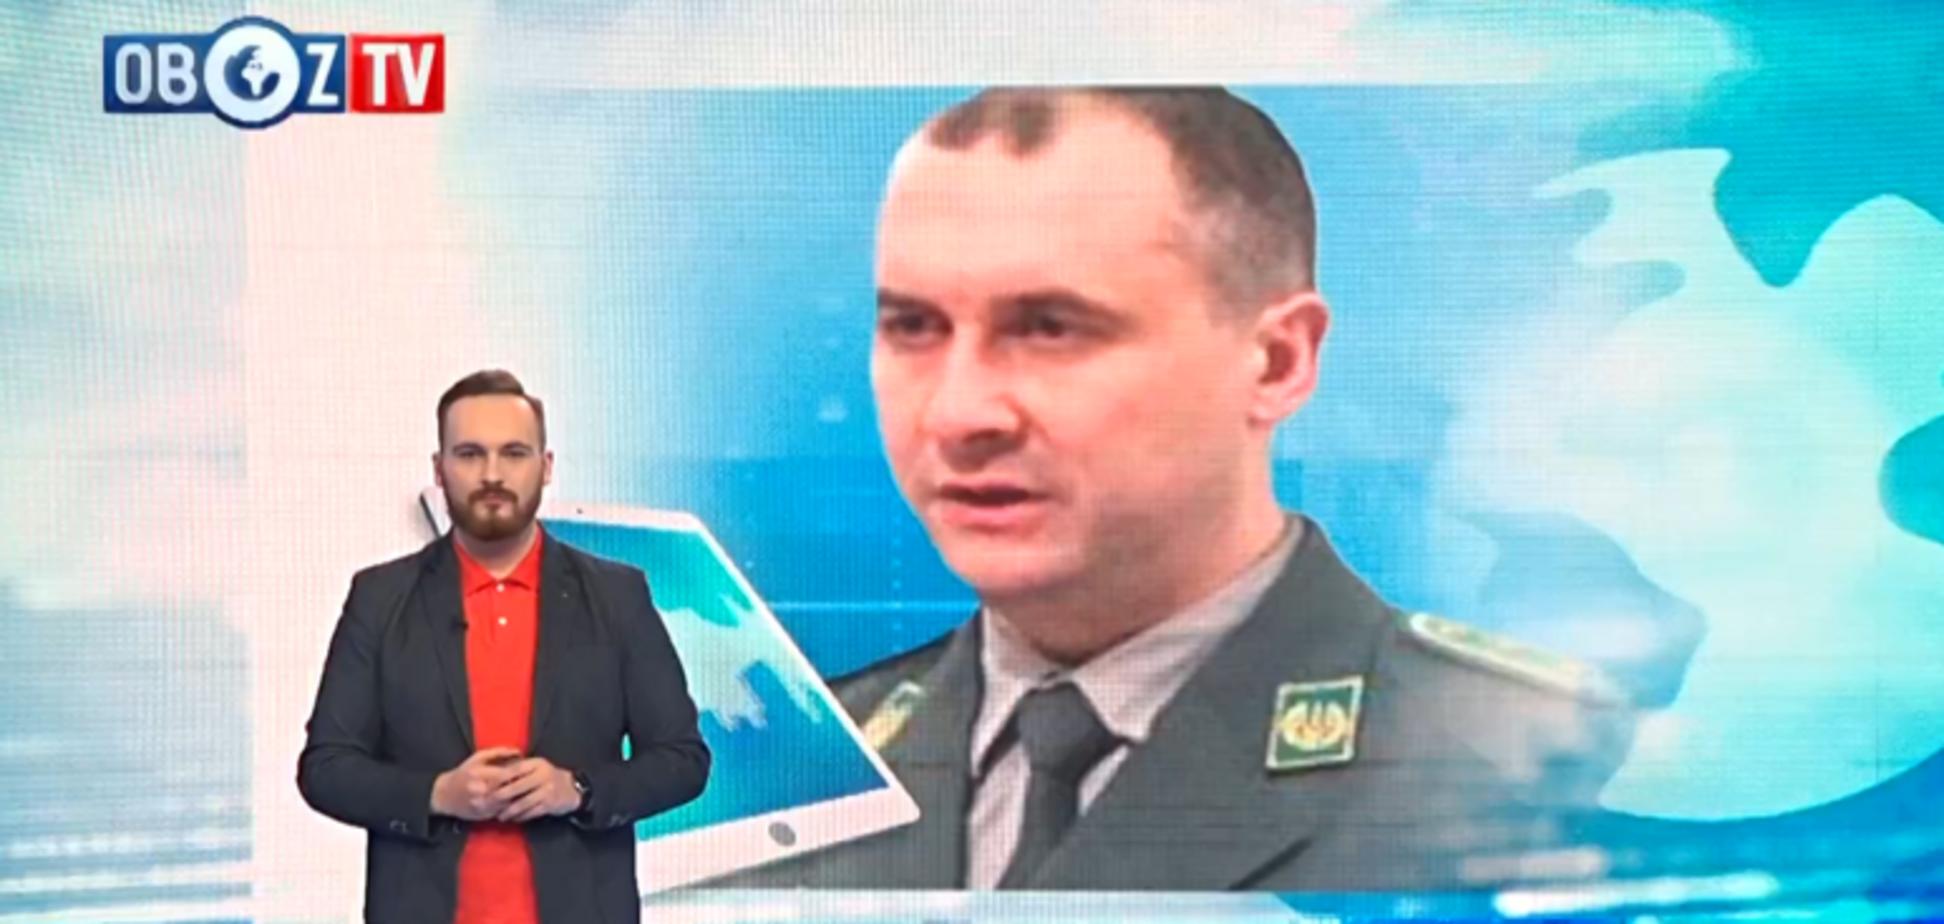 Черги на кордонах України: у Держприкорджонслужбі пояснили, що сталося